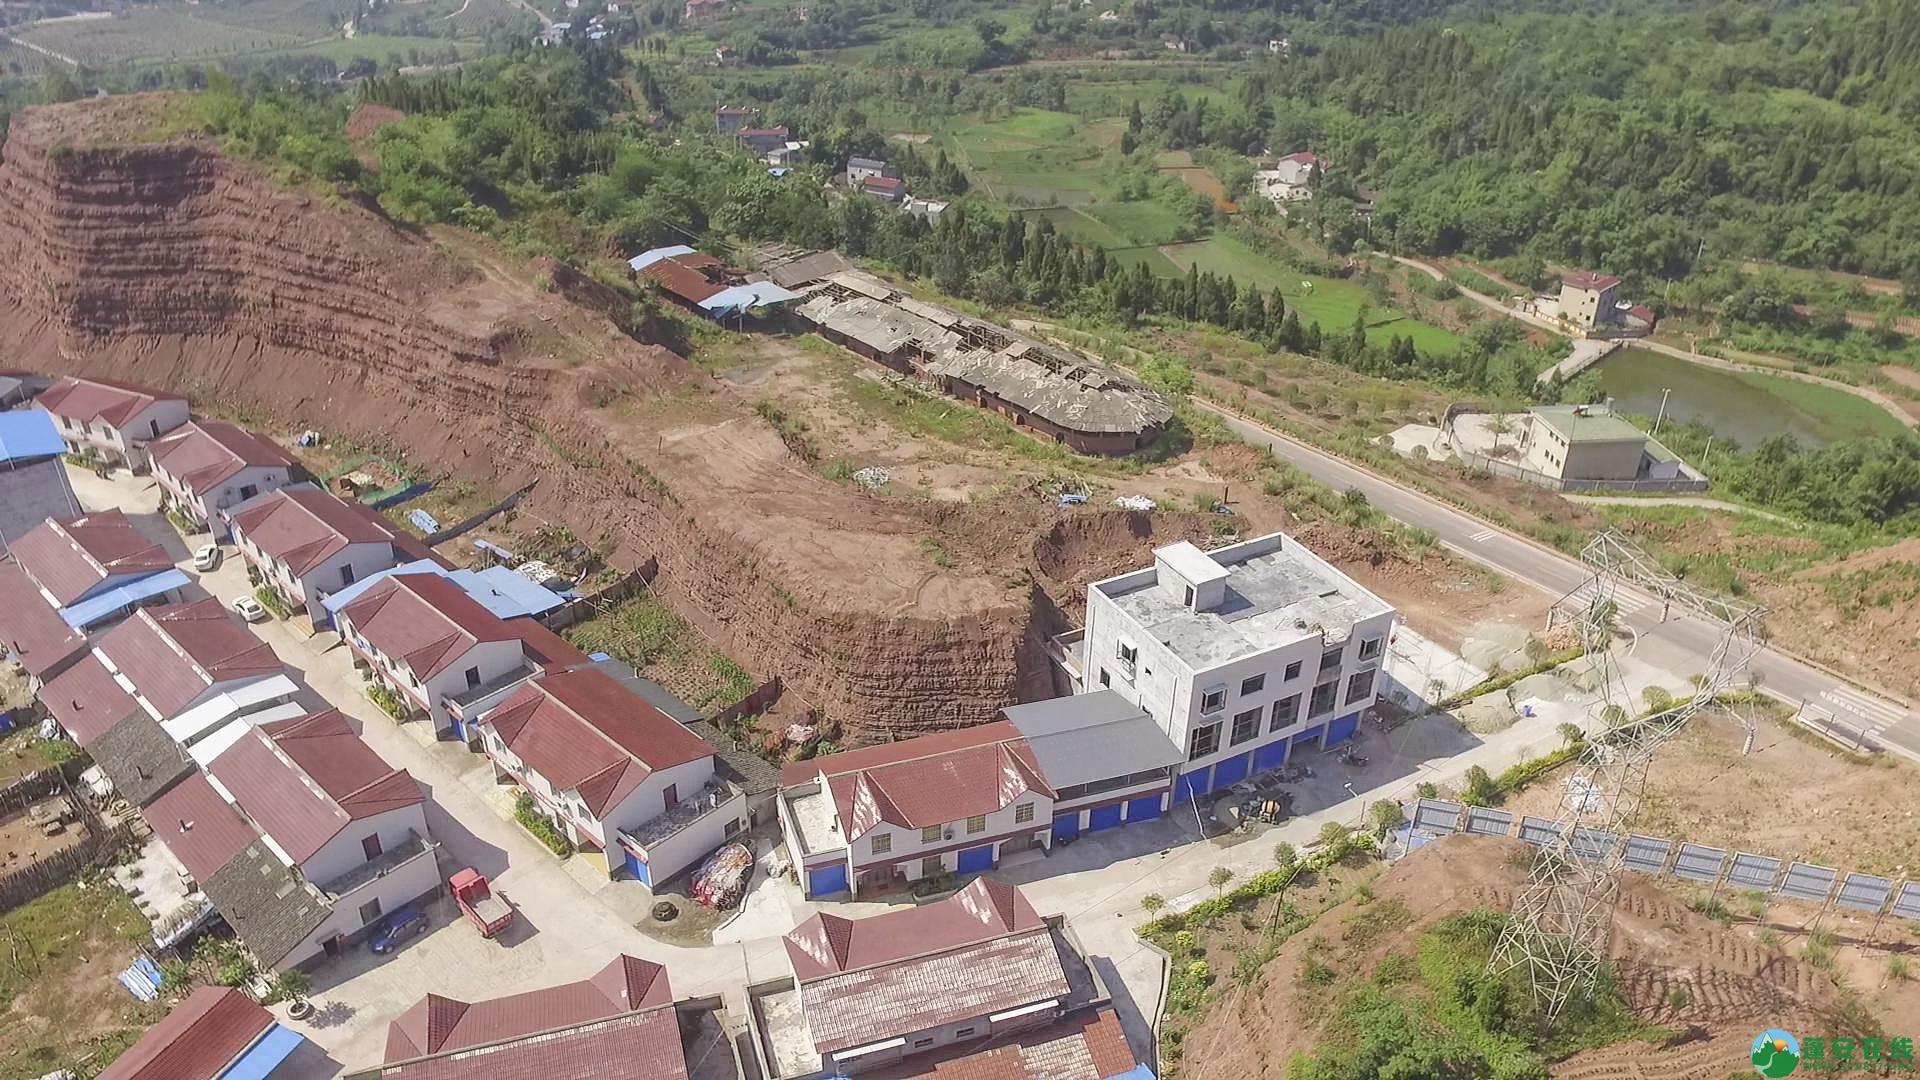 蓬安锦屏段S305省道改线工程进展 - 第20张  | 蓬安在线